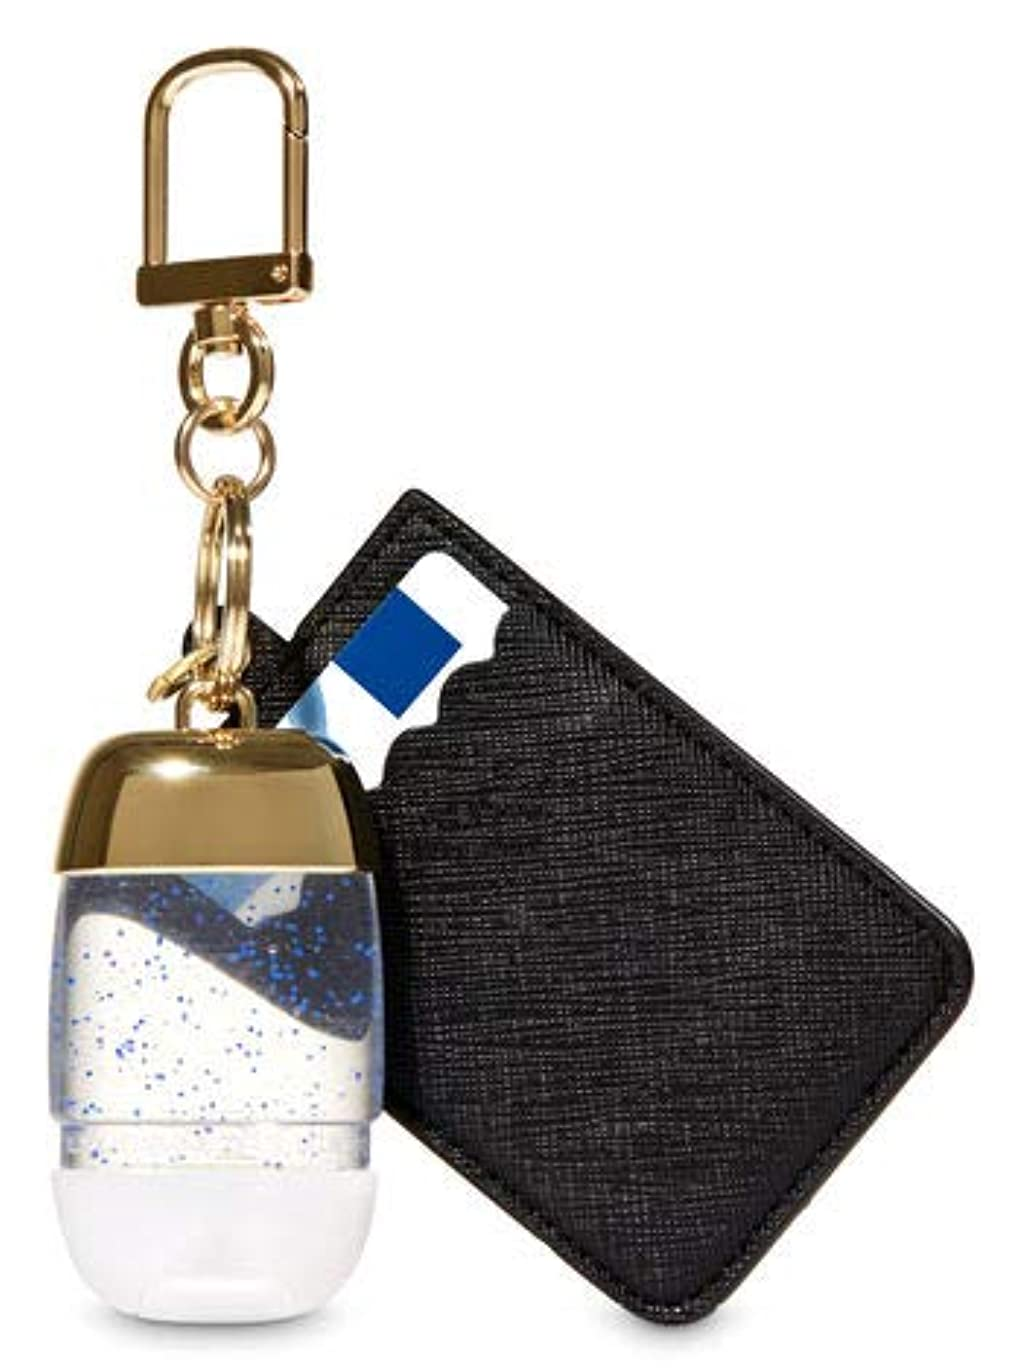 帽子危険を冒します評議会【Bath&Body Works/バス&ボディワークス】 抗菌ハンドジェルホルダー カードケース ブラック&ゴールド Credit Card & PocketBac Holder Black & Gold [並行輸入品]